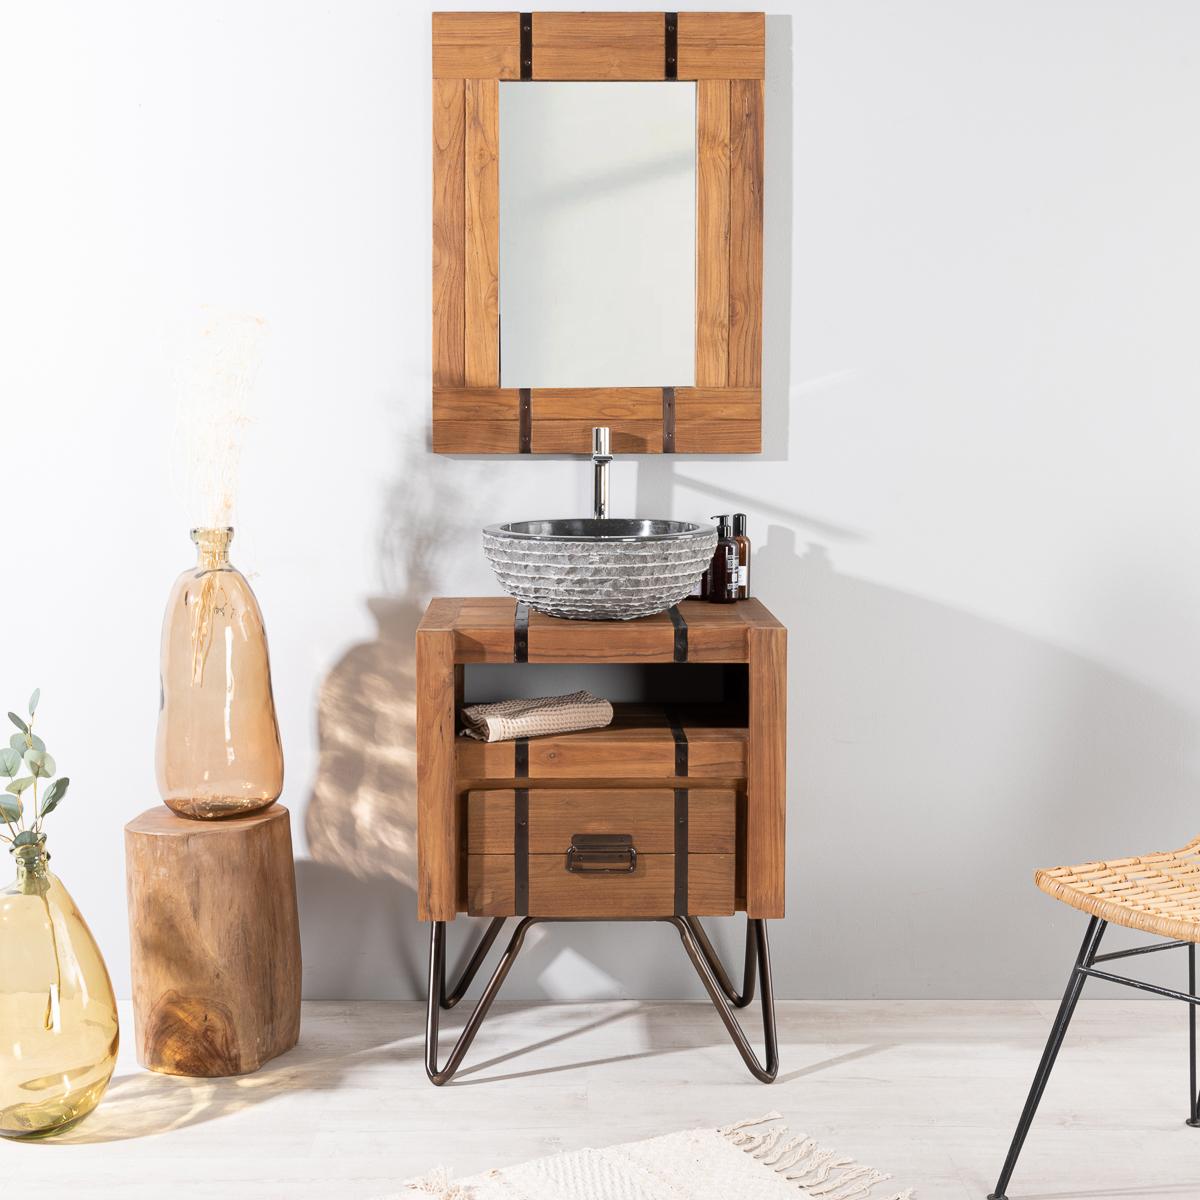 meuble de salle de bain loft bois m tal 60 cm. Black Bedroom Furniture Sets. Home Design Ideas